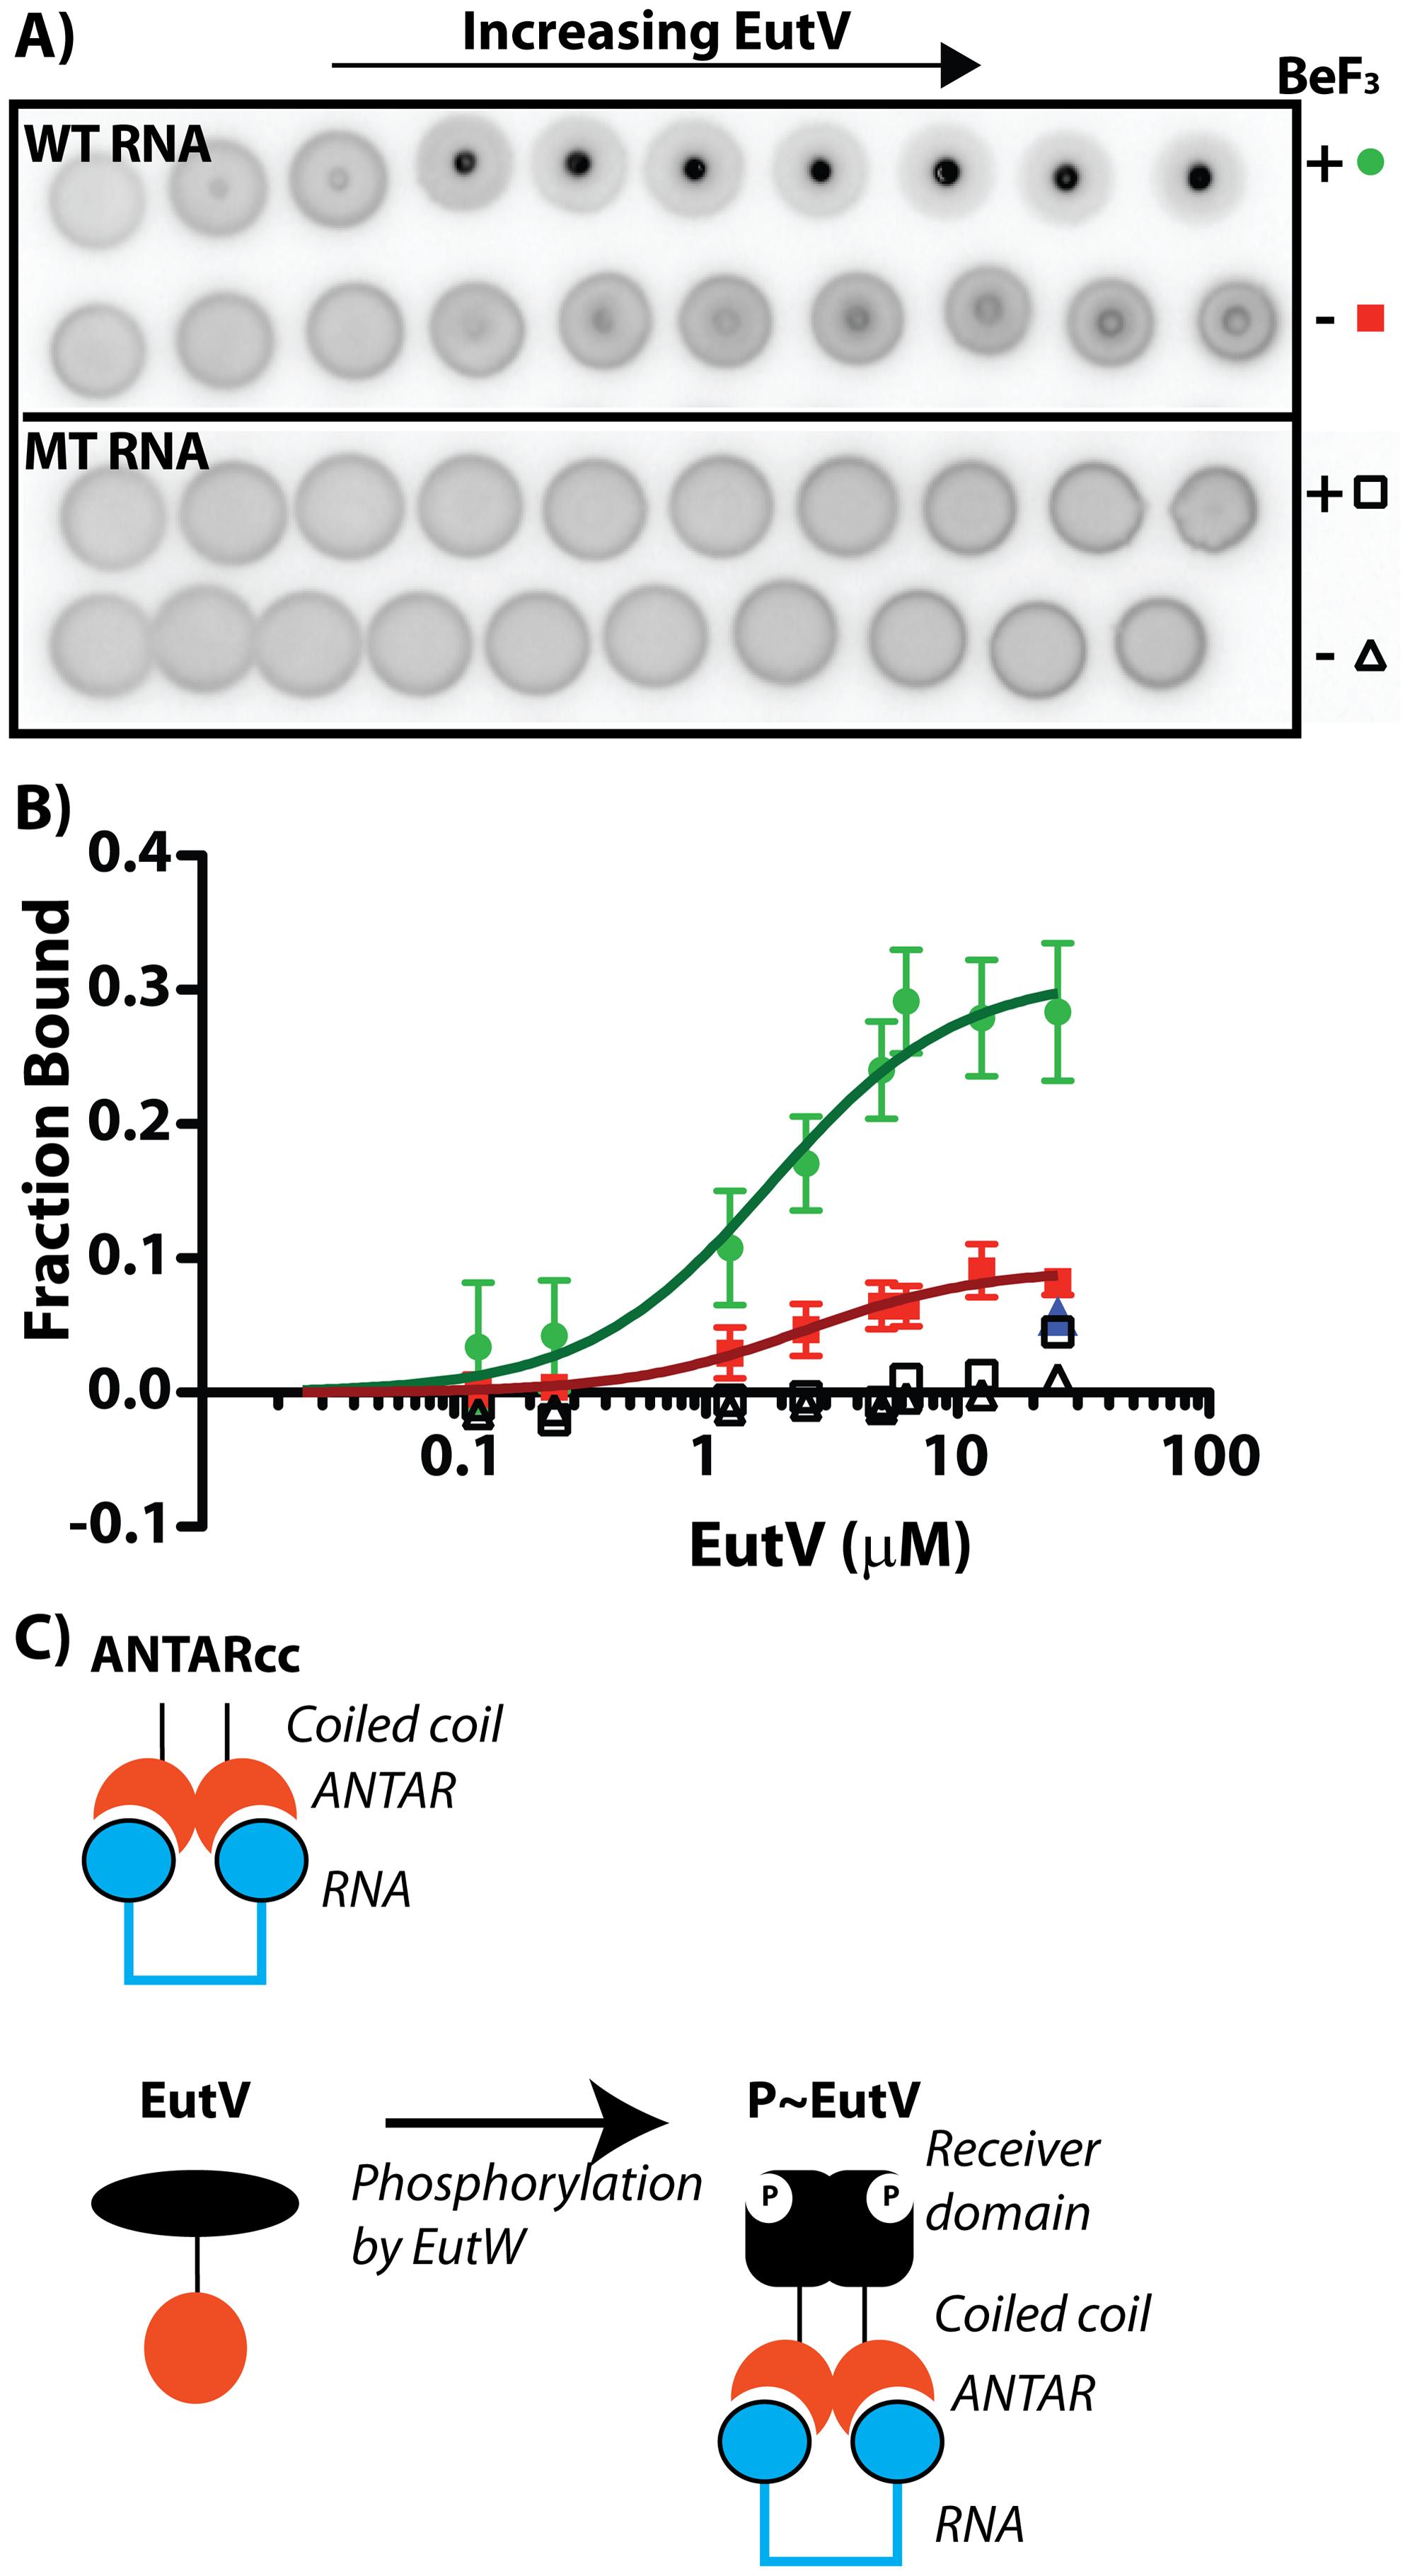 Phosphorylation of EutV correlates with improved RNA-binding affinity.